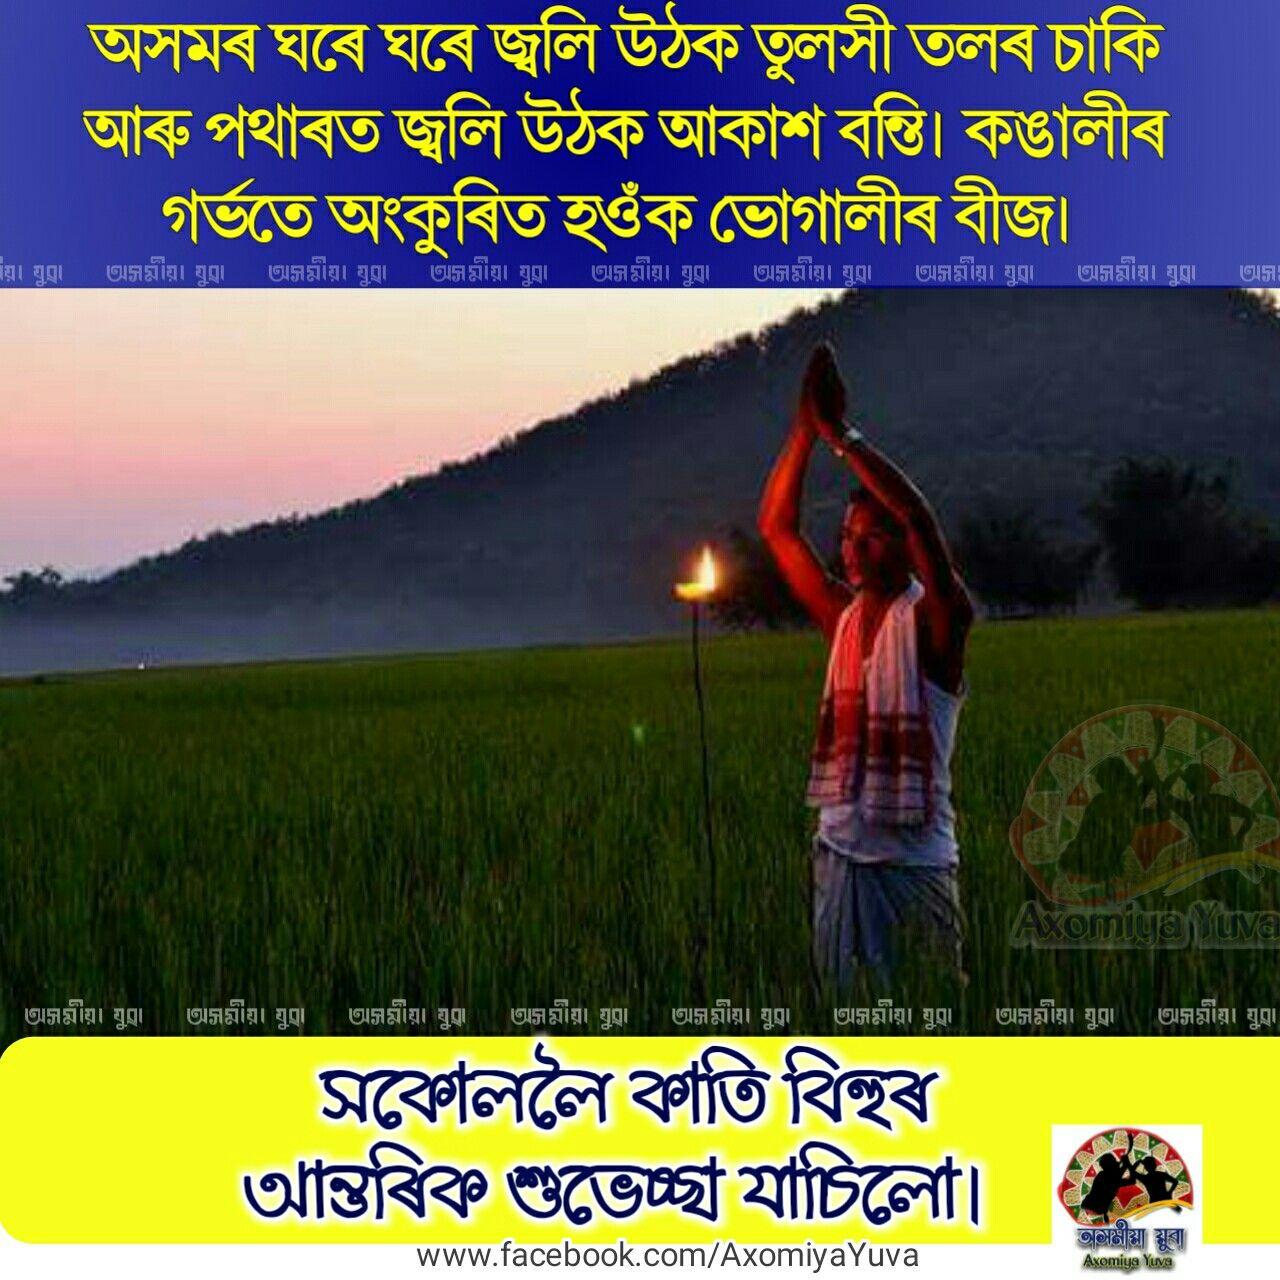 Kati Bihu Assamese Festivals Axomiya Yuva